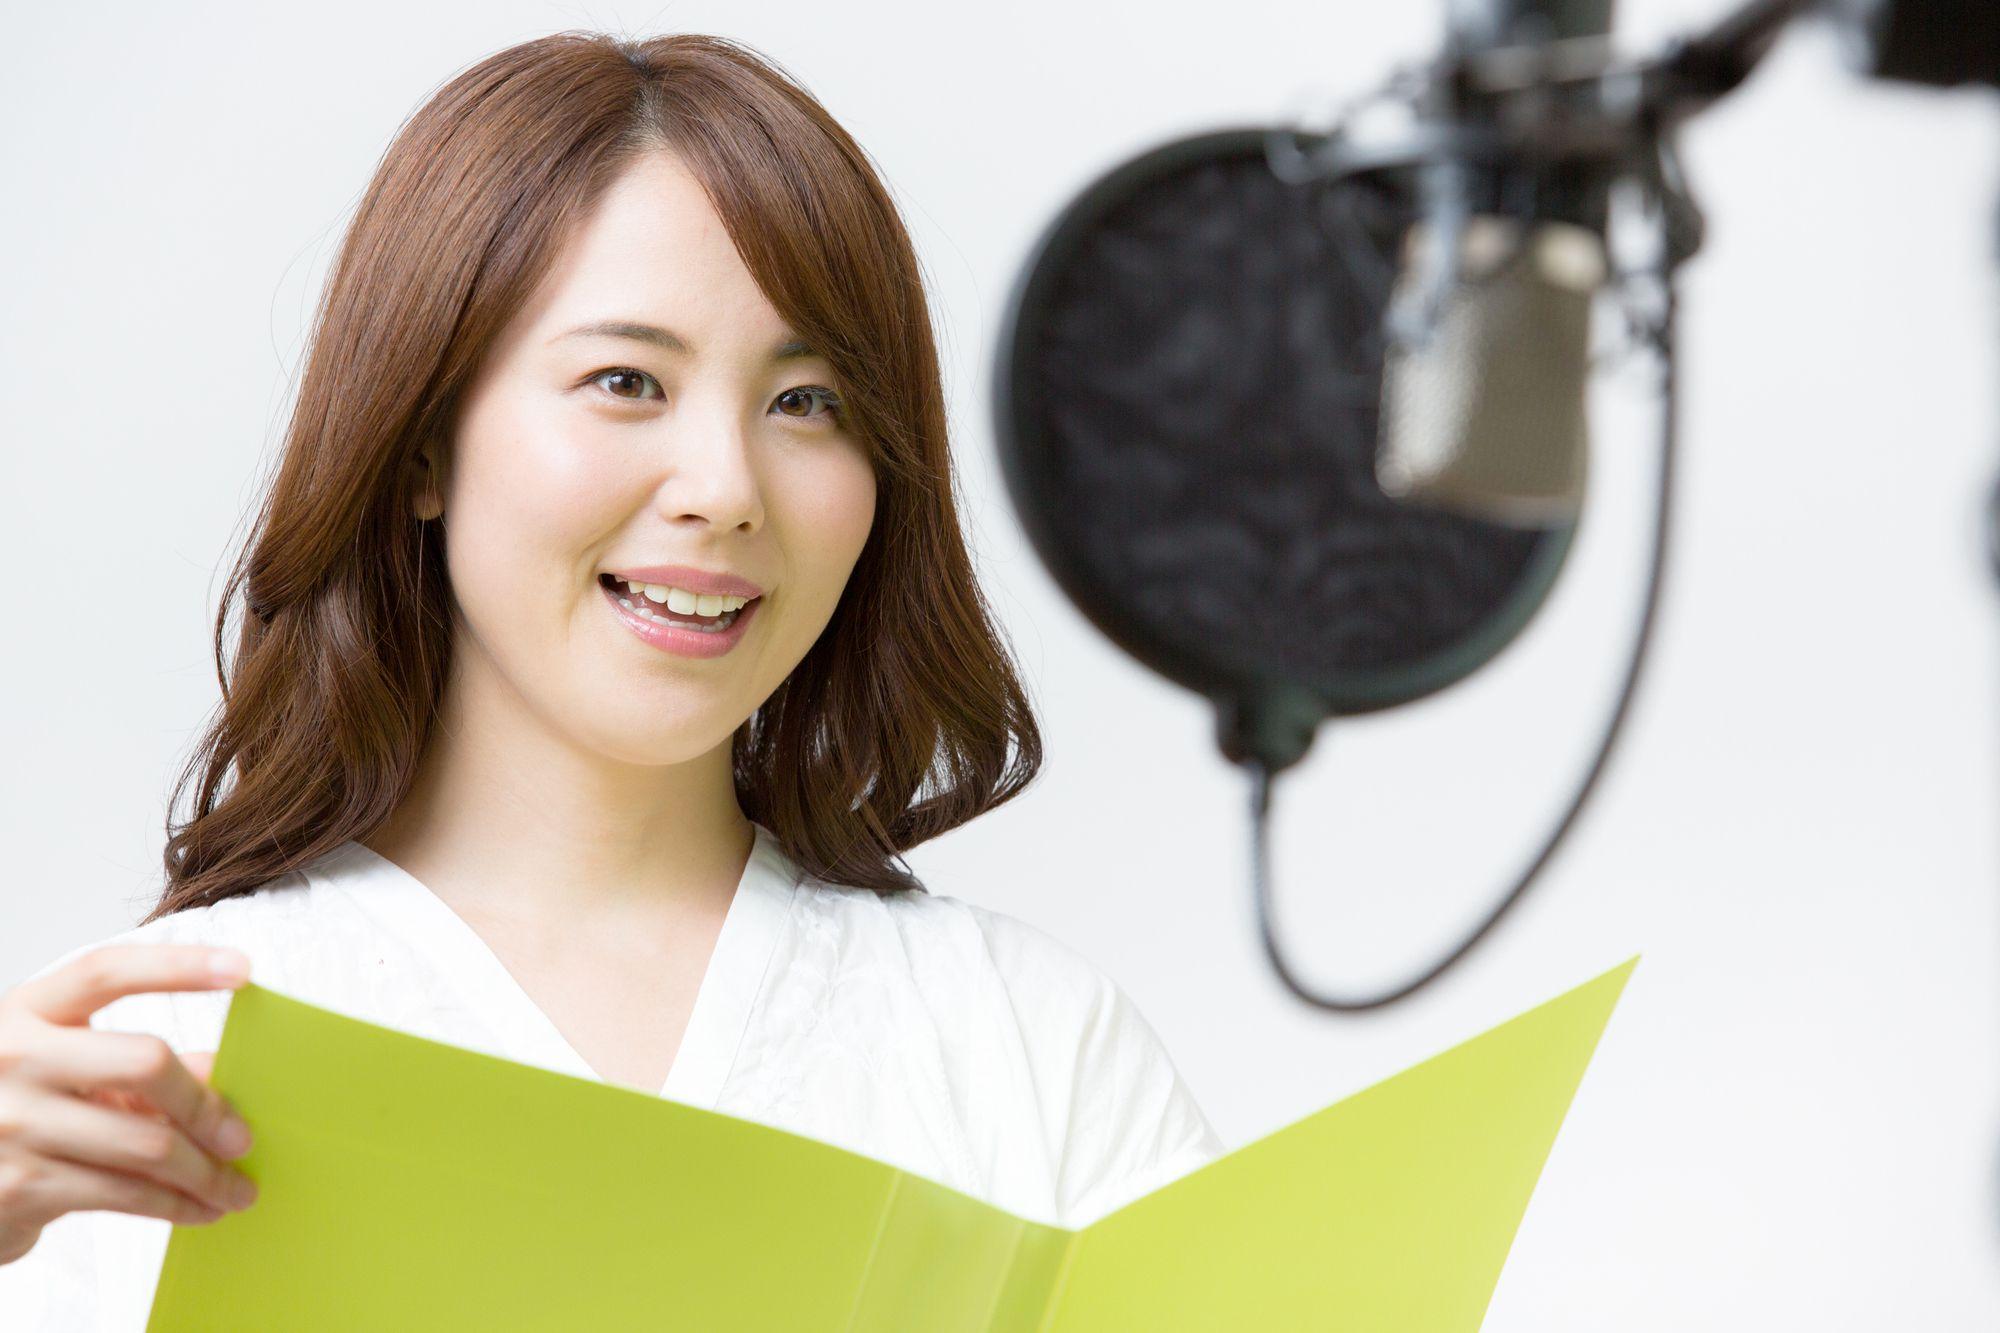 大阪の声優養成所に短期集中レッスンはある?